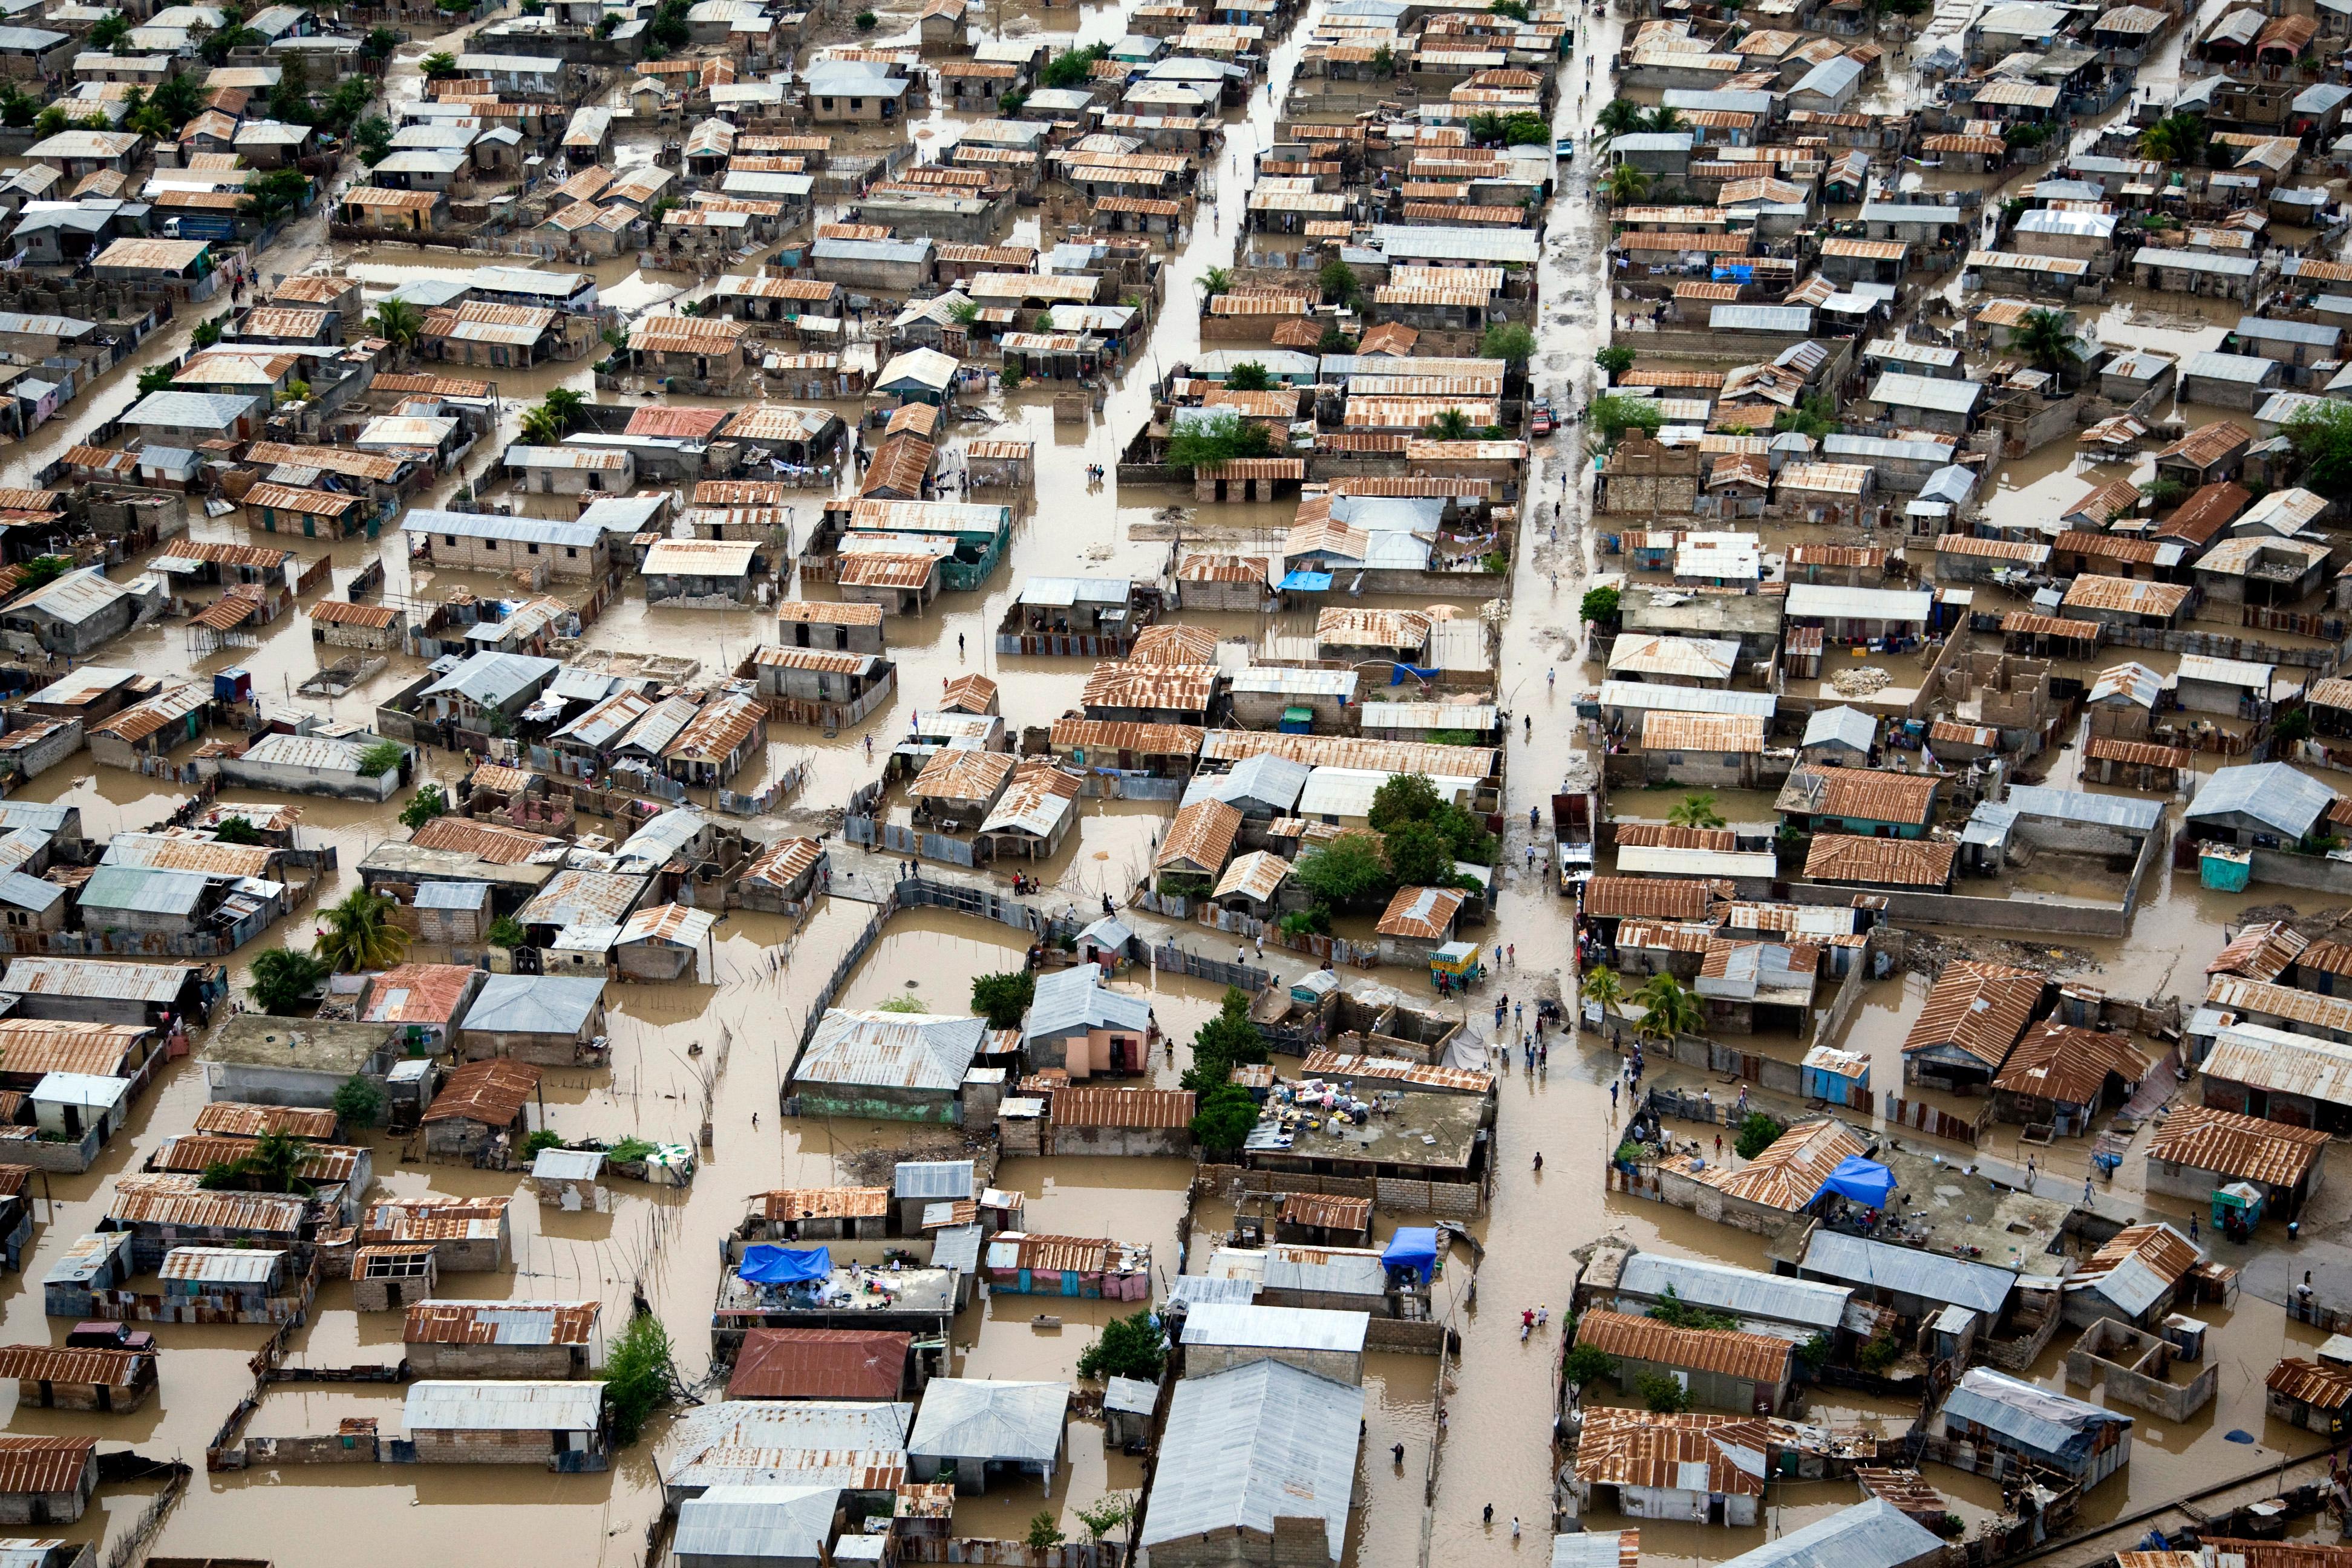 Überflutete Straßen und Wege in Gonaives, Haiti, nachdem der Hurrikan Tomas die Gegend passierte